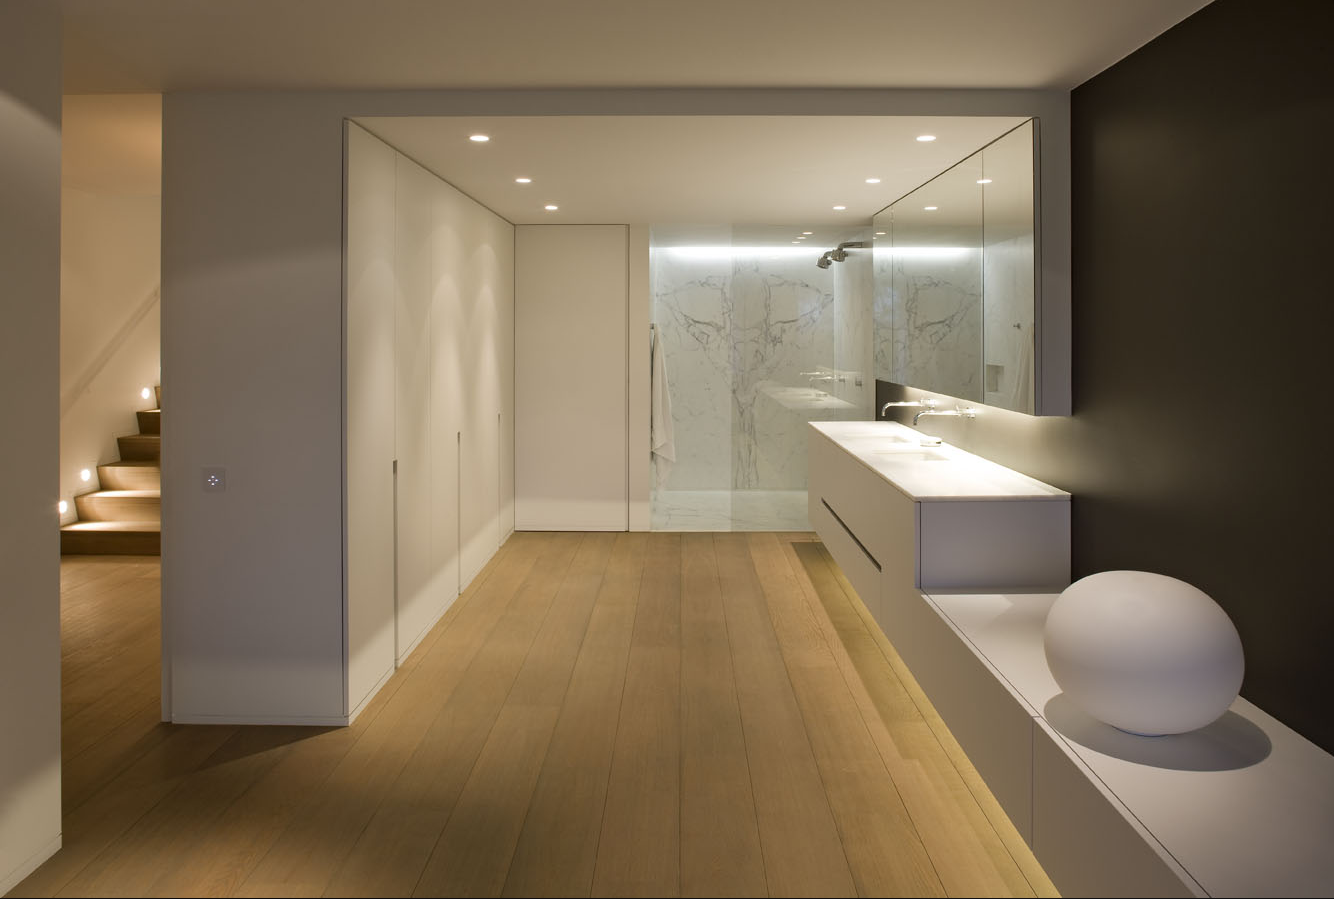 design badkamer met parket verlichting pinterest met en ontwerp